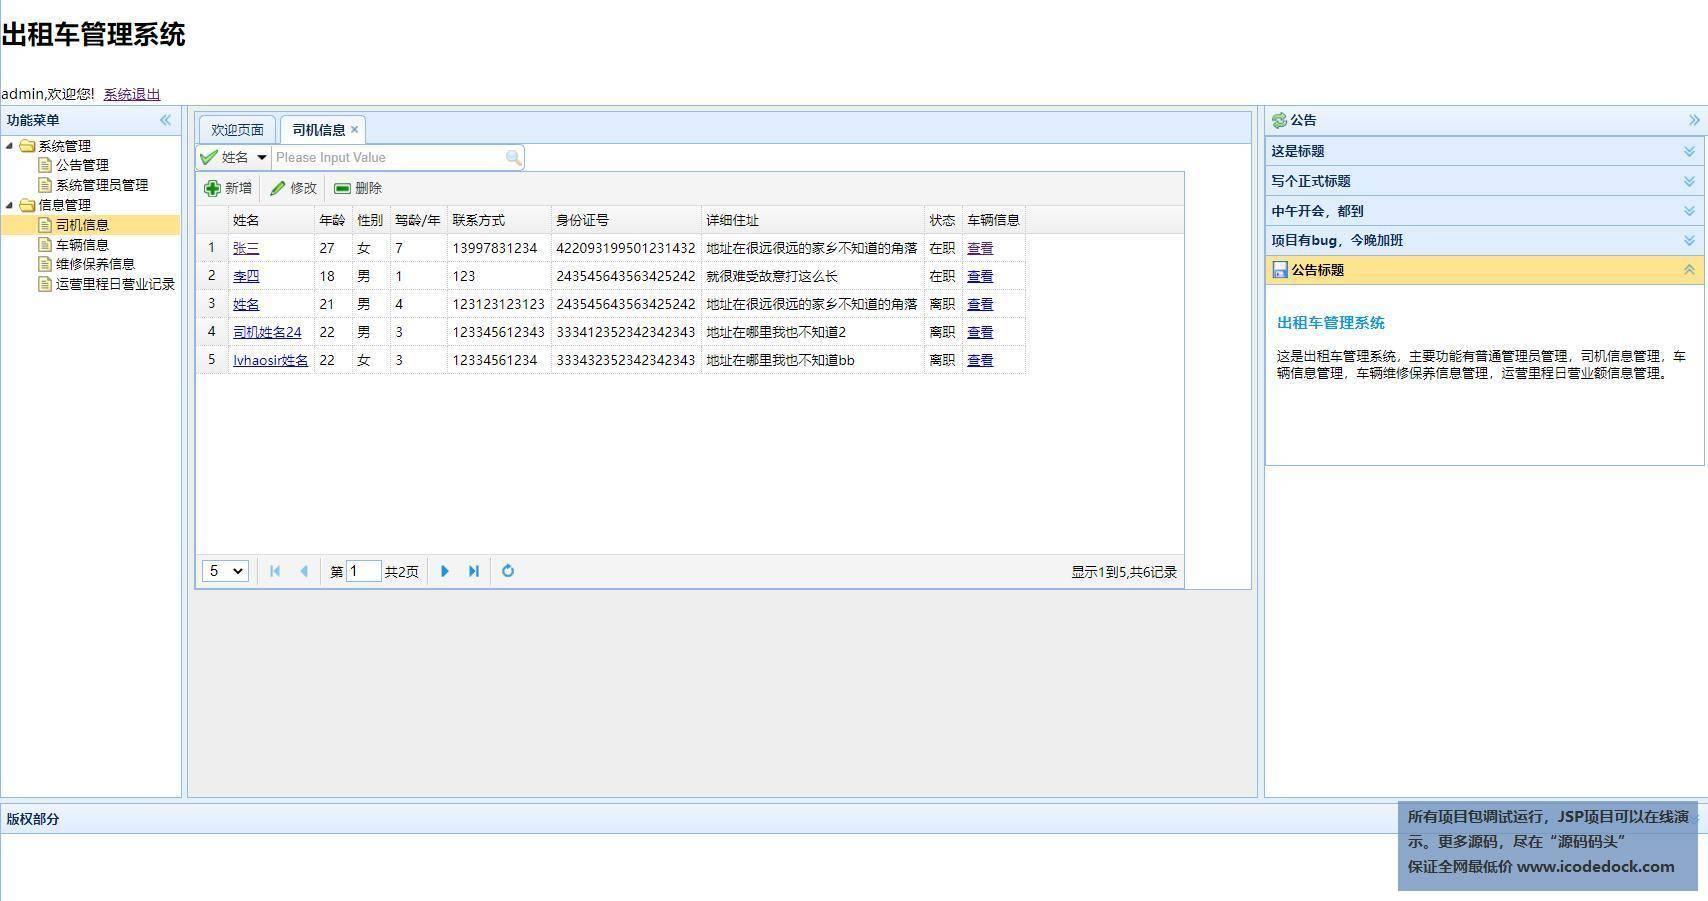 源码码头-SSM出租车管理系统-超级管理员角色-司机管理